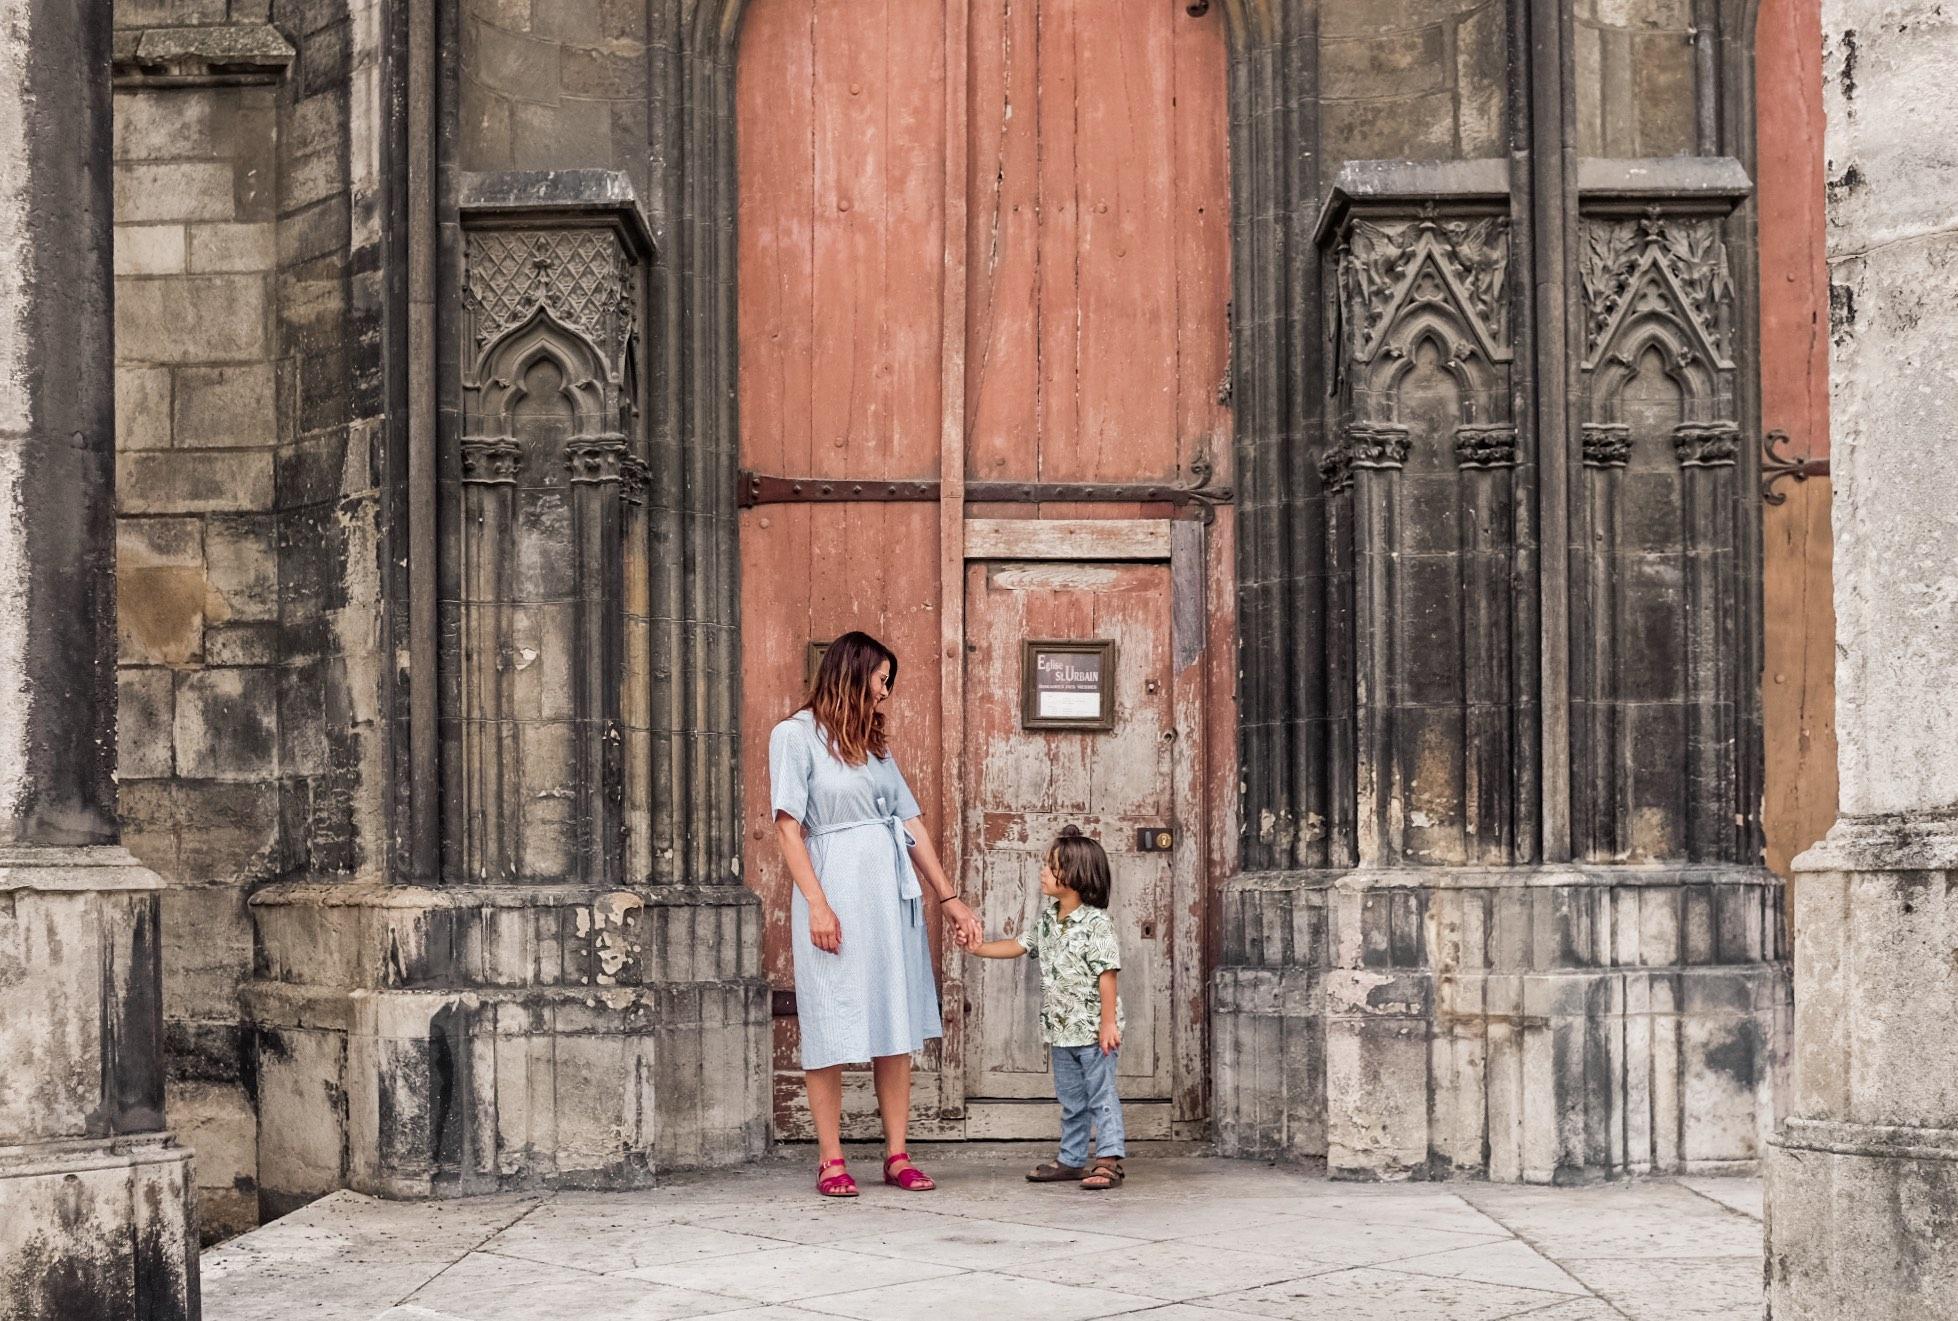 Visita a Troyes: mamma e figlio davanti a chiesa gotica